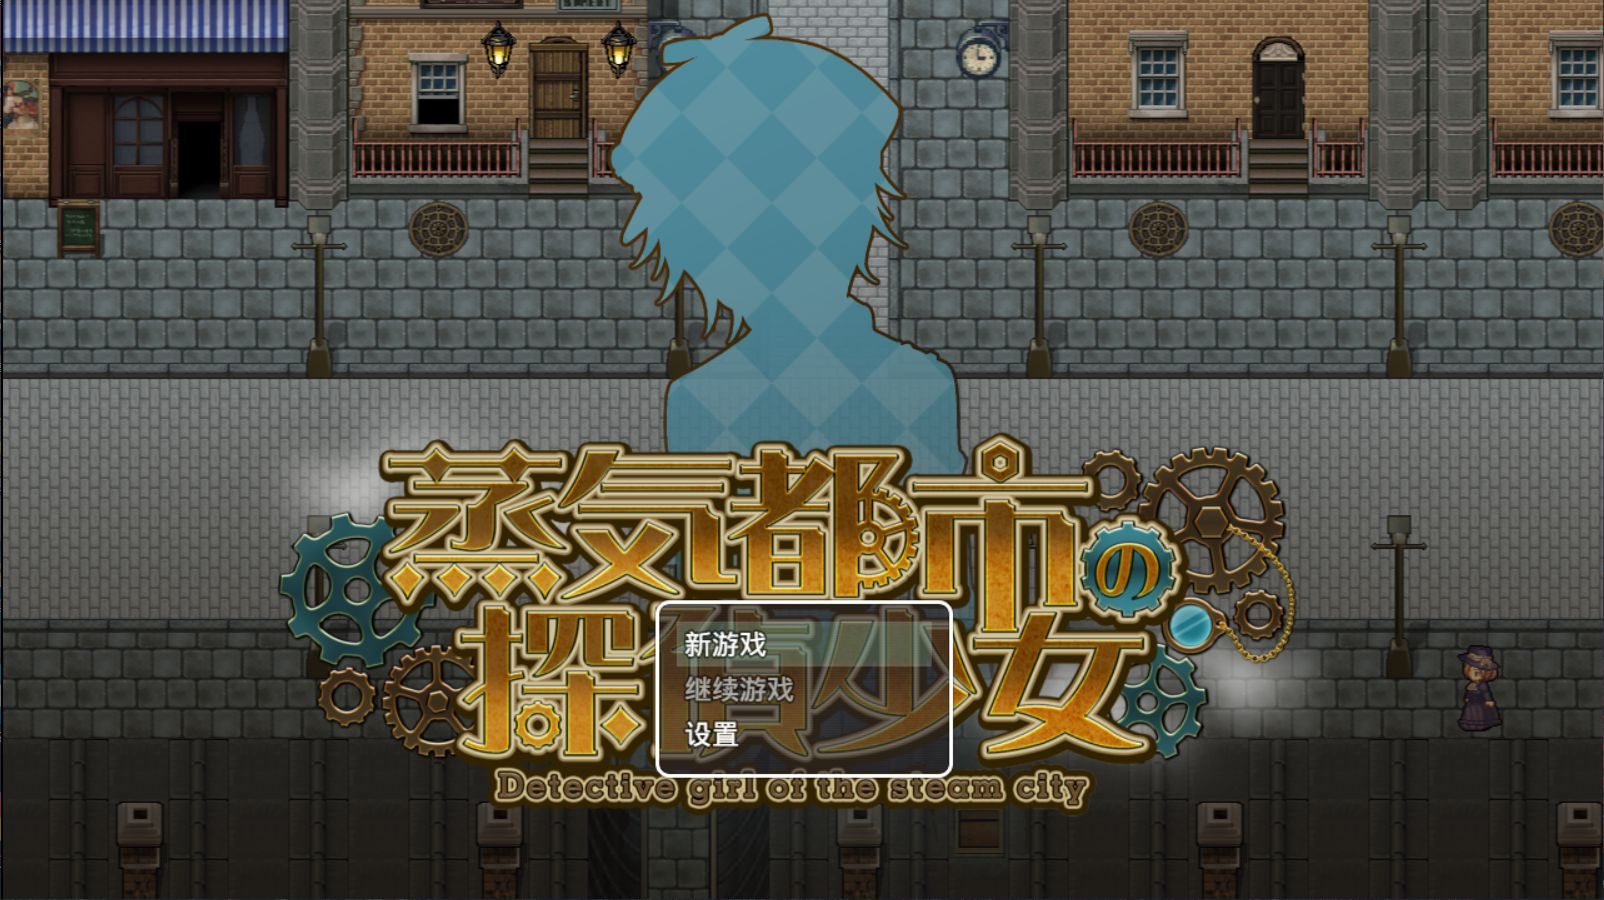 蒸汽之都的侦探少女 Ver1.00 汉化版+礼包码【探究RPG/朋克/PC+安卓版/1.2G/07-07-05】